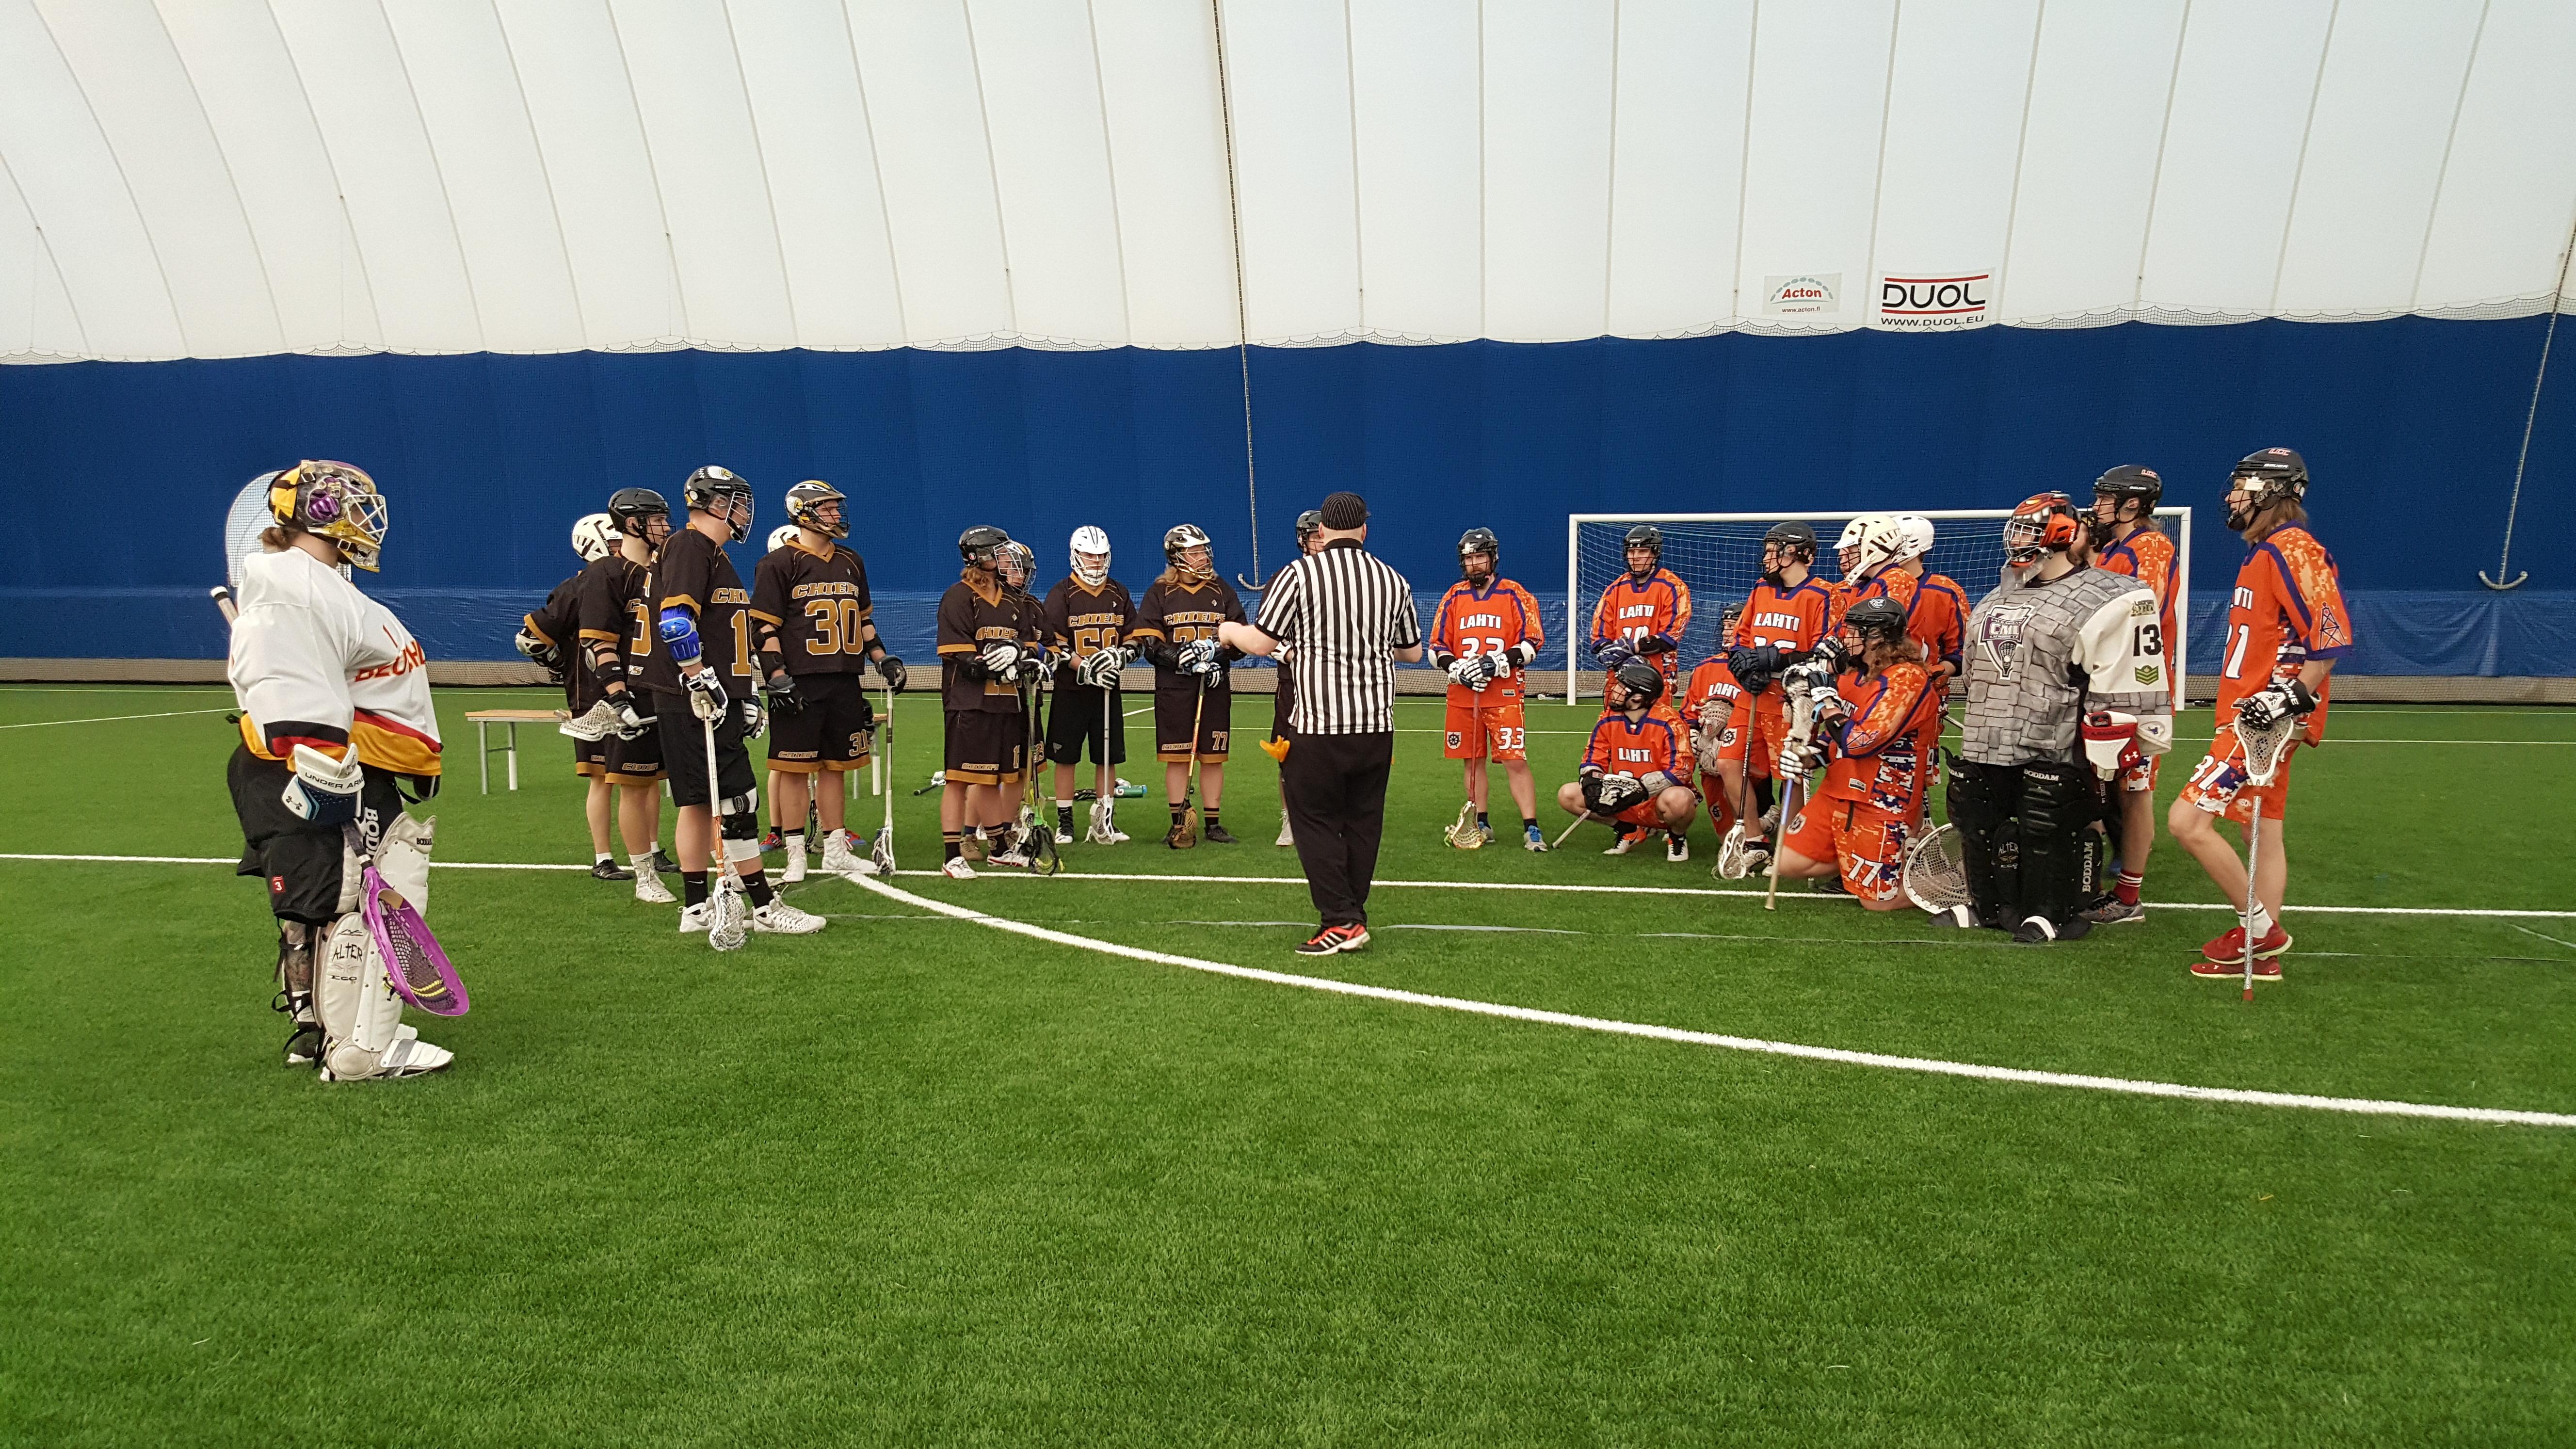 helsinki chiefs, lahti lacrosse, box lacrosse, suomi lacrosse